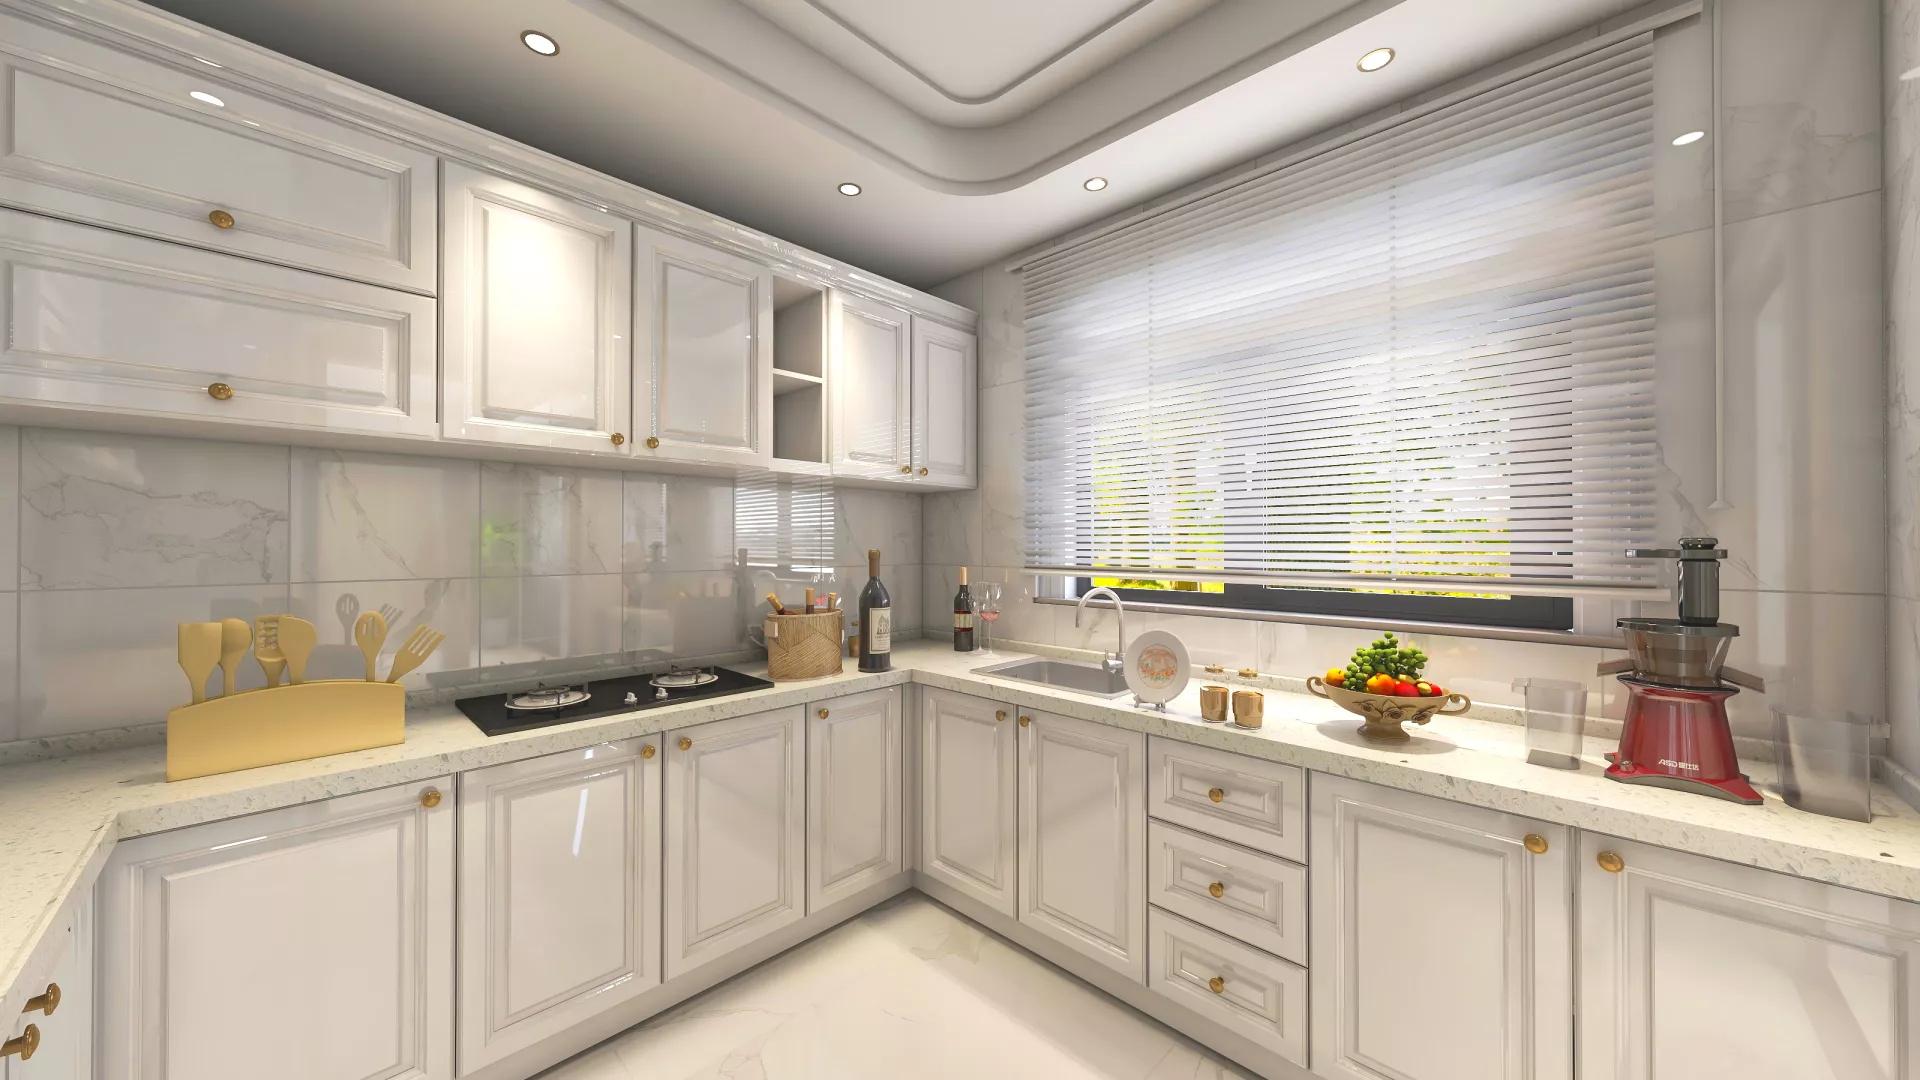 混搭清新风格家居装修设计效果图